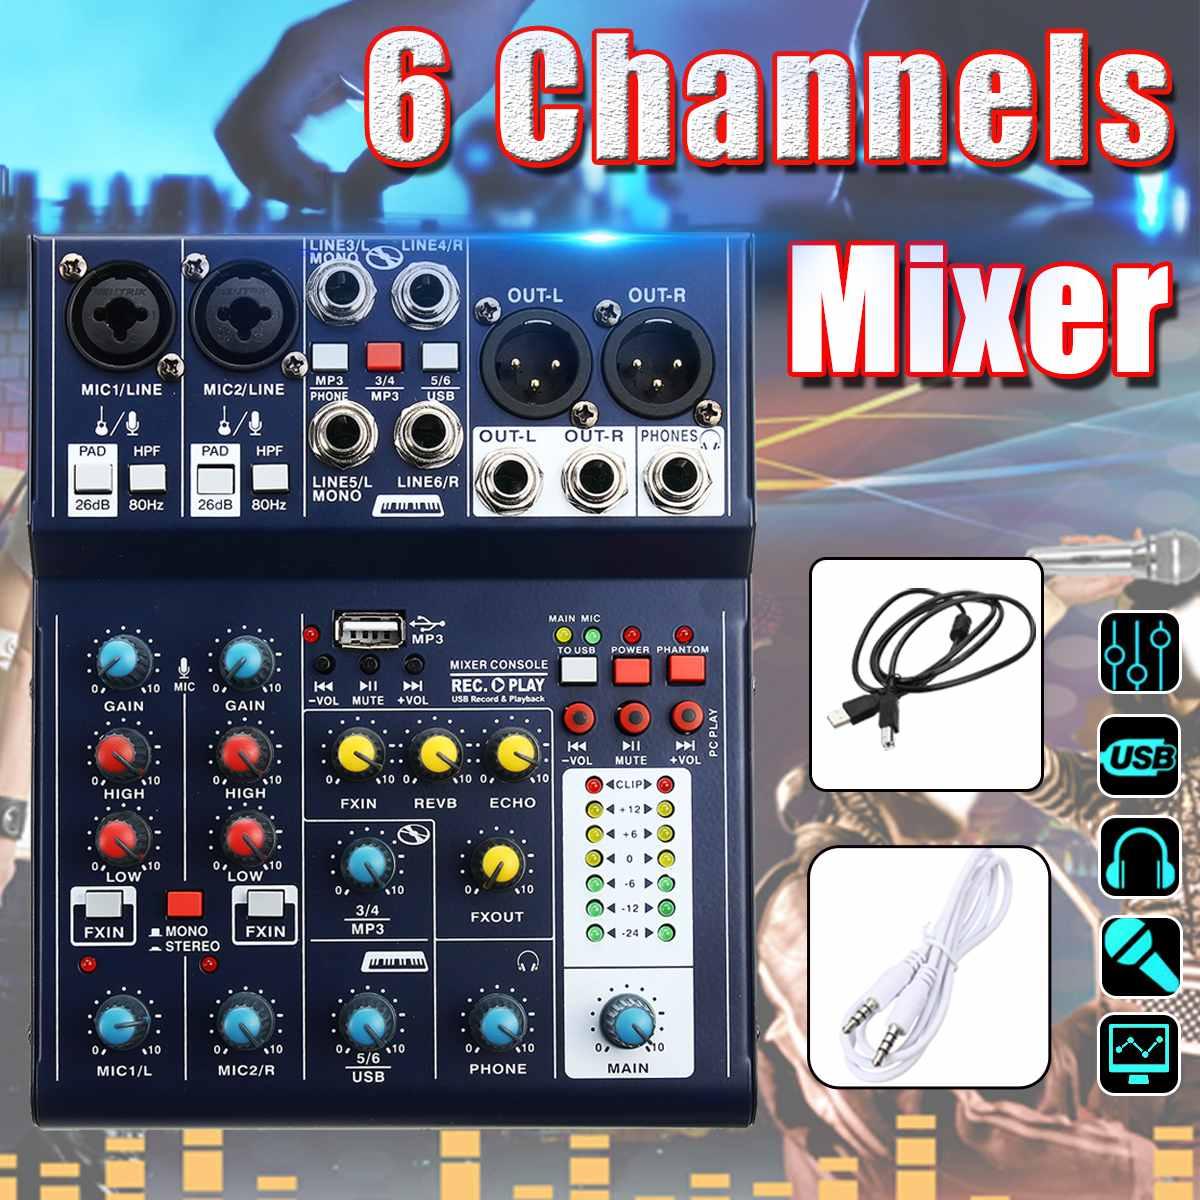 6 canaux karaoké Console de son mixage USB ordinateur d'enregistrement 48V fantôme DSP effet USB Audio mélangeur U disque MP3 pour KTV en direct